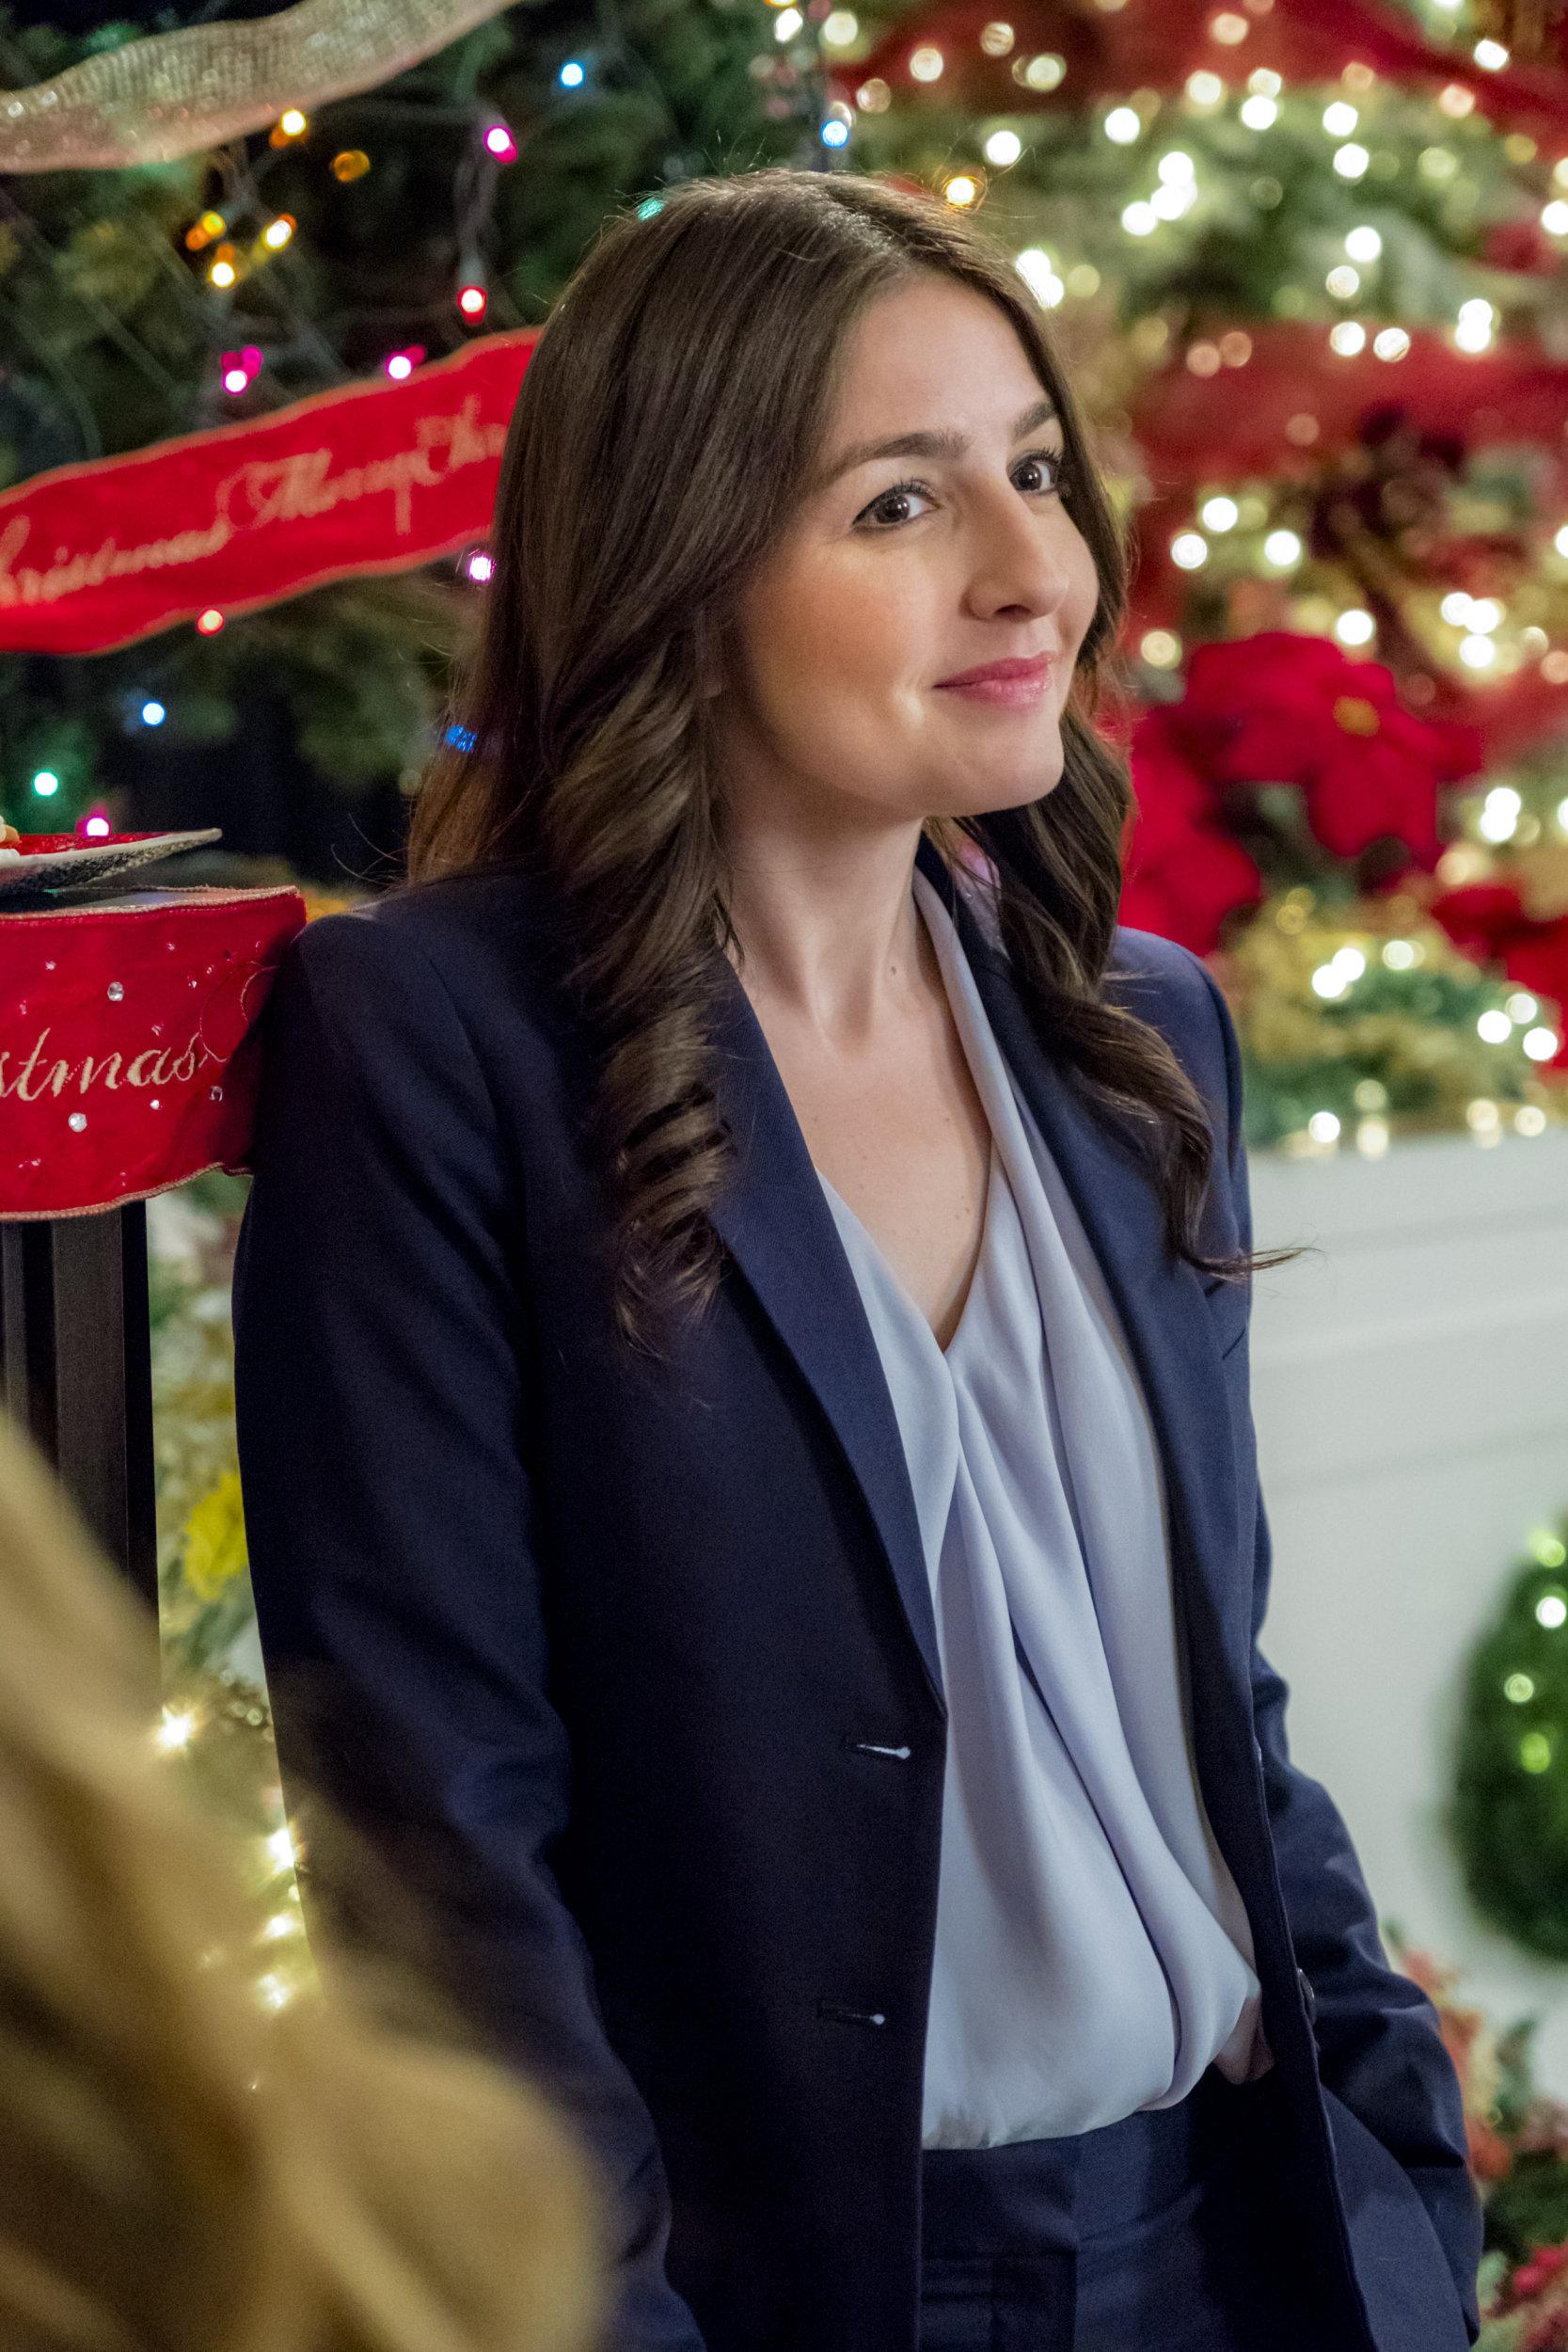 A Joyous Christmas 2019 Natalie Knepp as Rachel Kennedy on A Joyous Christmas | Hallmark